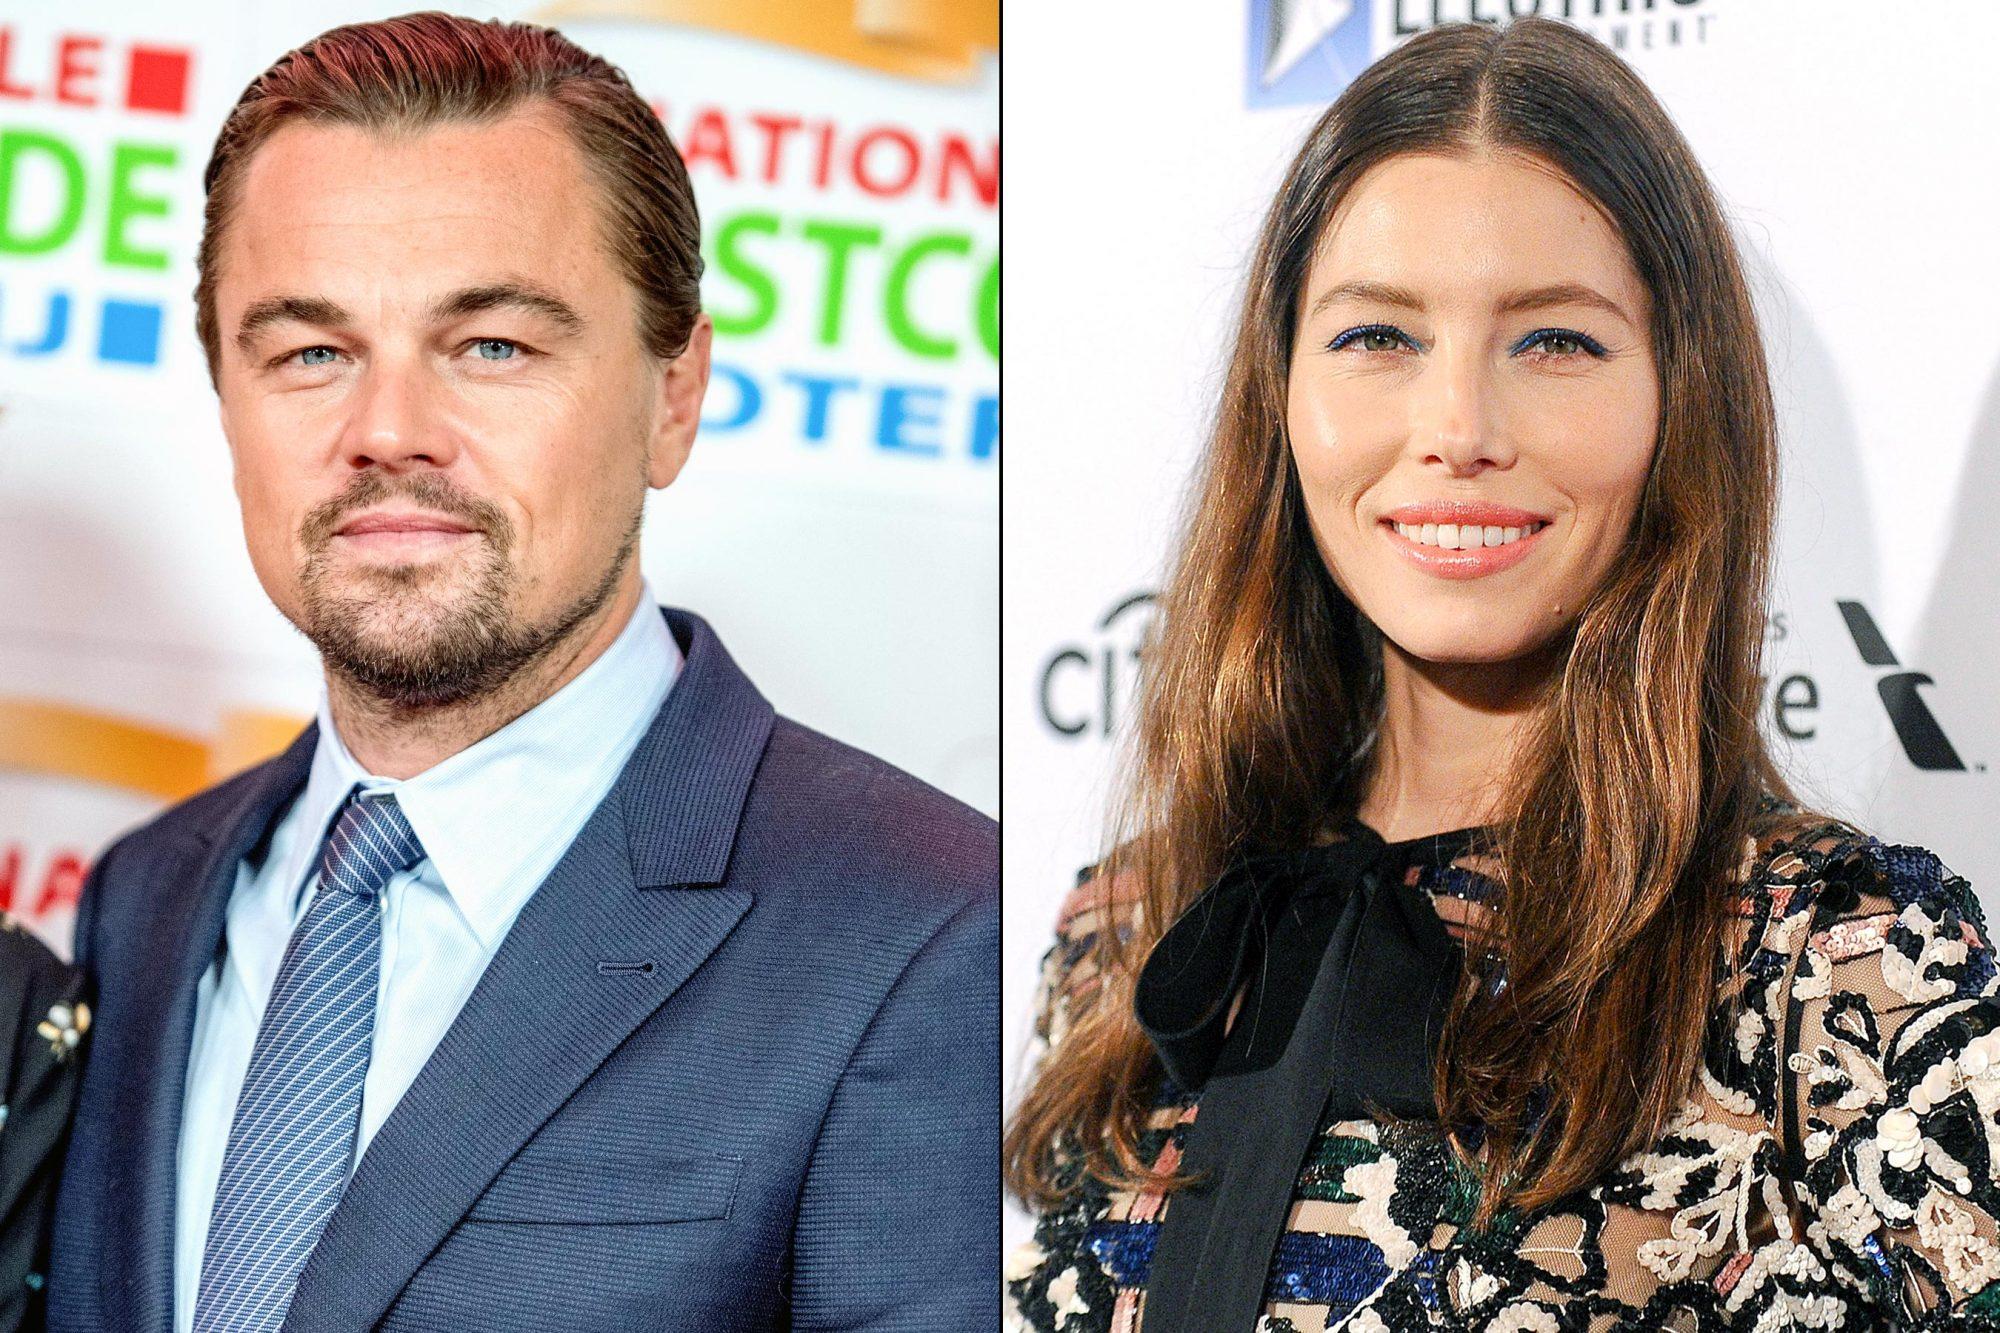 Leonardo-DiCaprio-and-Jessica-Biel